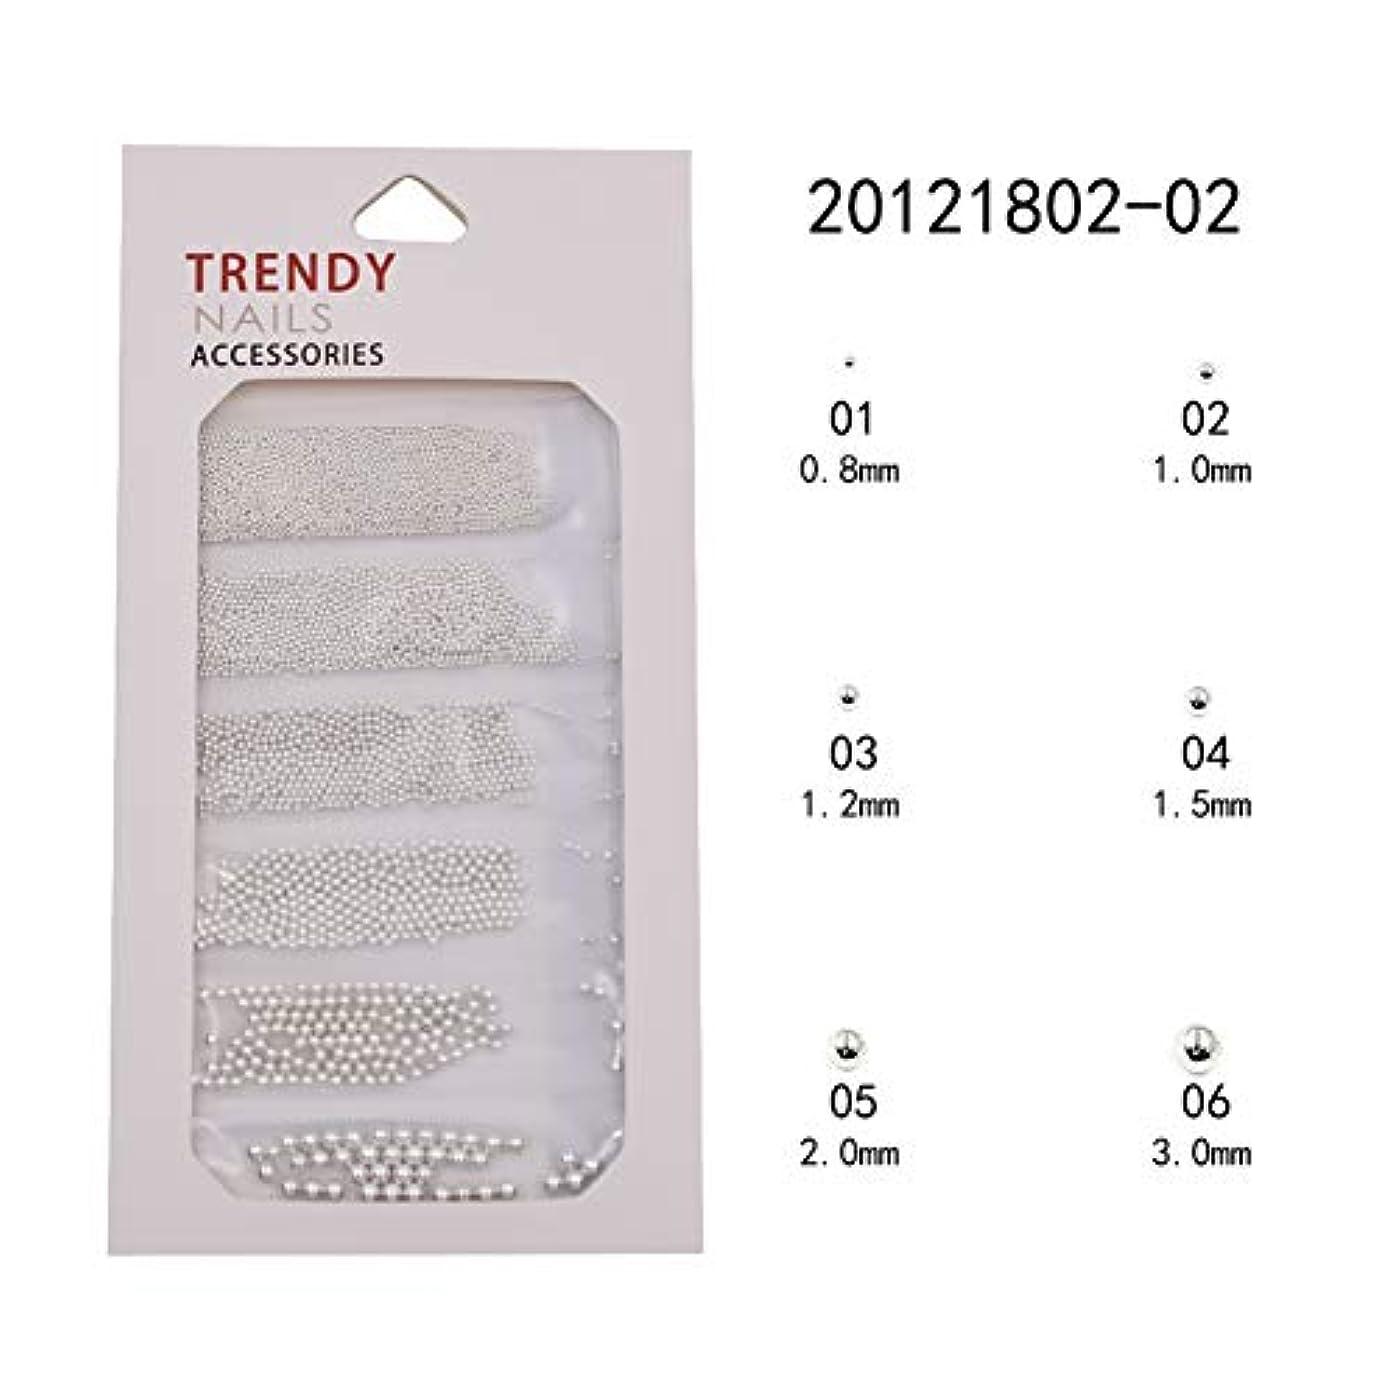 小道具ファンシー乳製品メーリンドス ネイル3Dデザインアートパーツ ネイルブリオン ゴールド&シルバー&ブラック&バラゴールド&グレー 0.8/1.0/1.2/1.5/2/3mm ネイルパーツデコレーション (02)